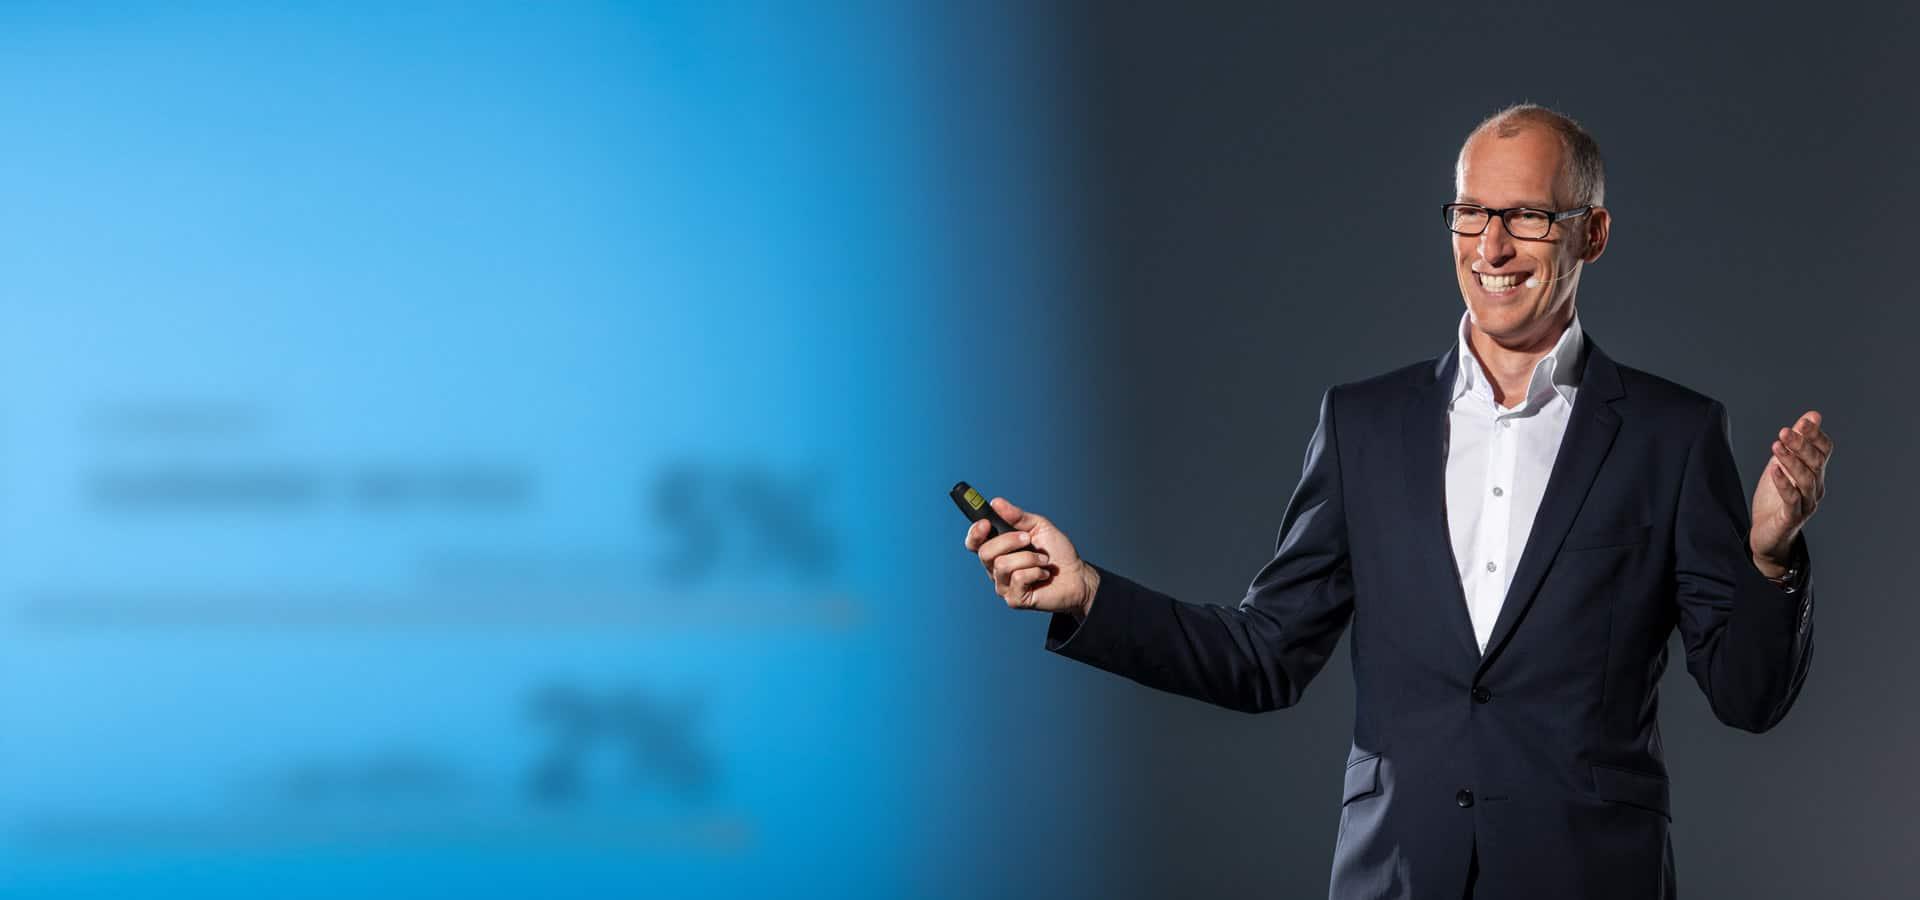 Unternehmer Berater Achim Pothmann